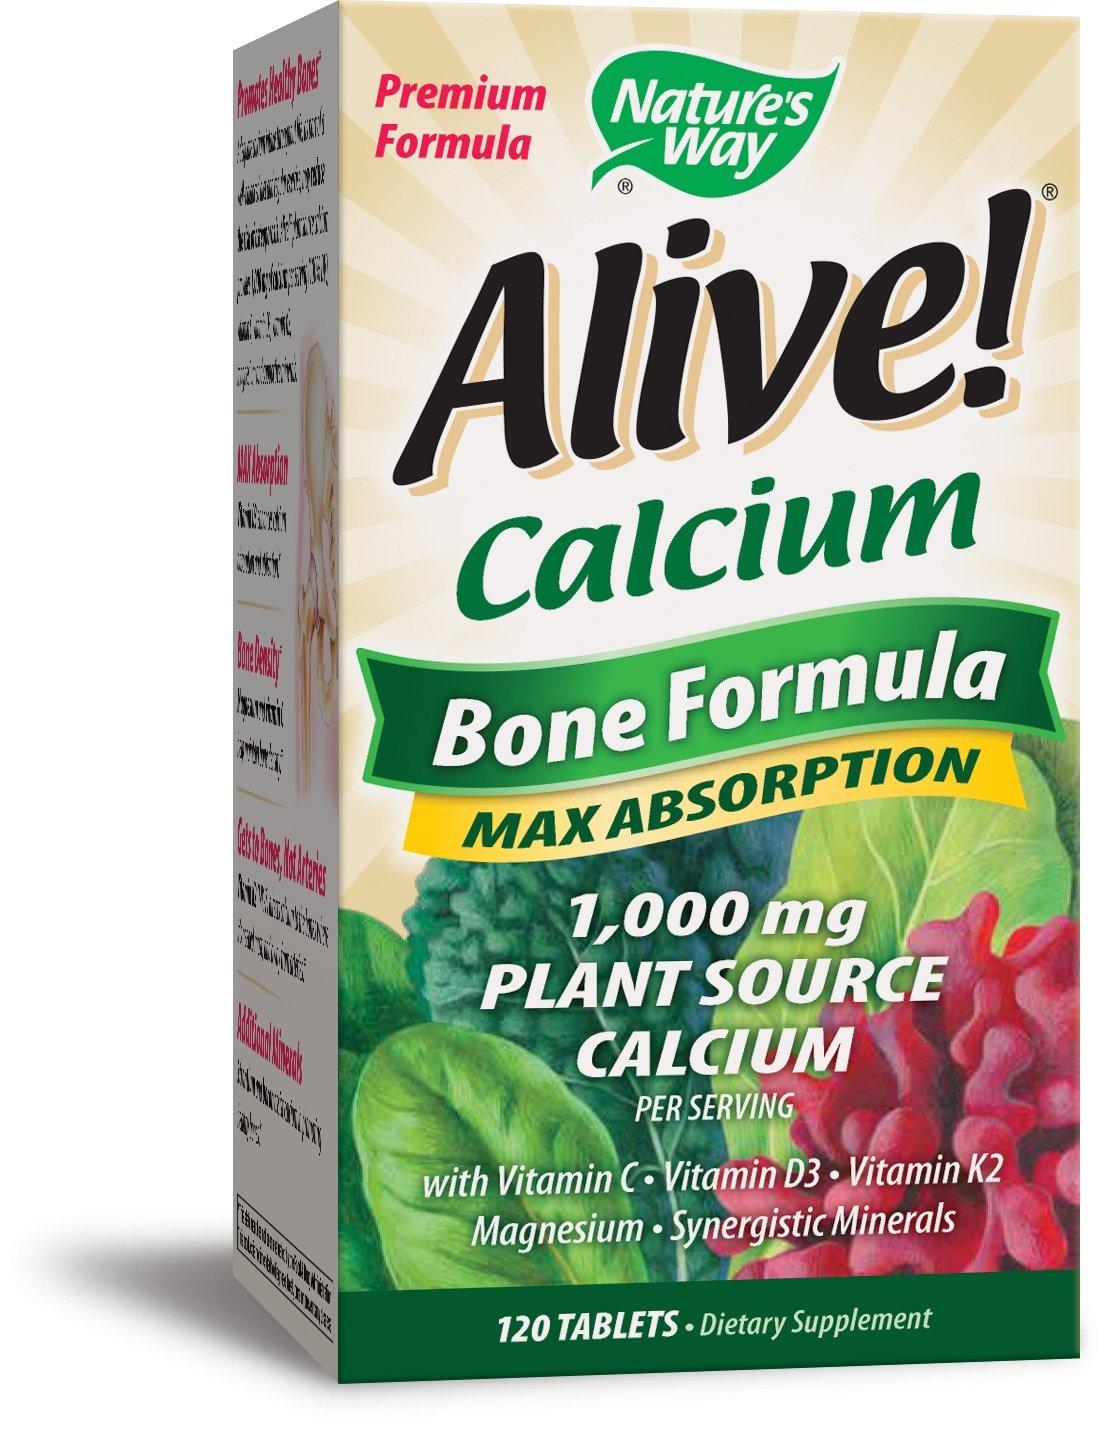 Nature's Way Alive!®  Calcium Bone Formula Supplement (1,000mg per serving), 120 Tablets